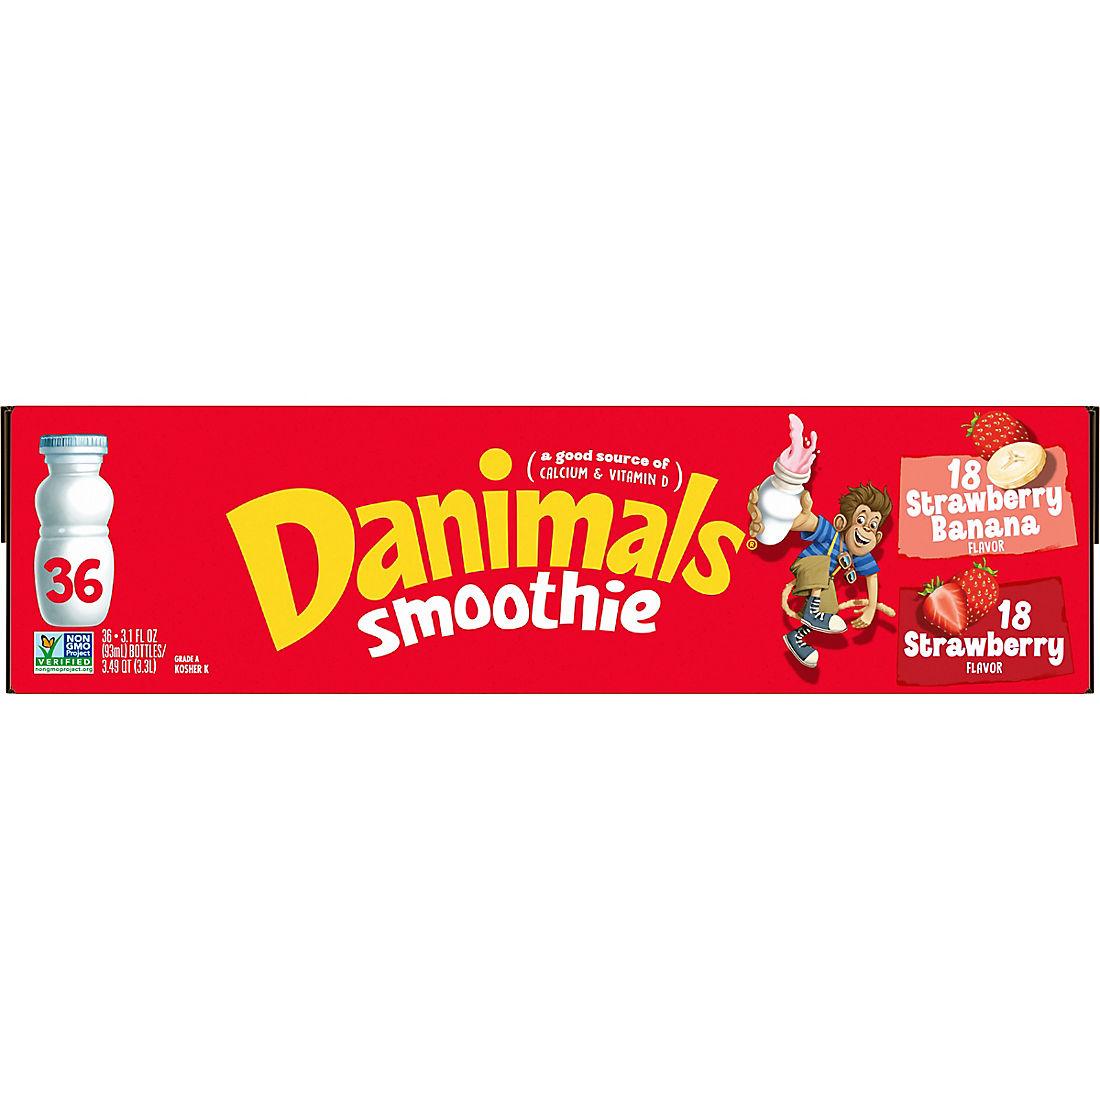 Dannon Danimals Smoothie, 36 ct./3.1 oz